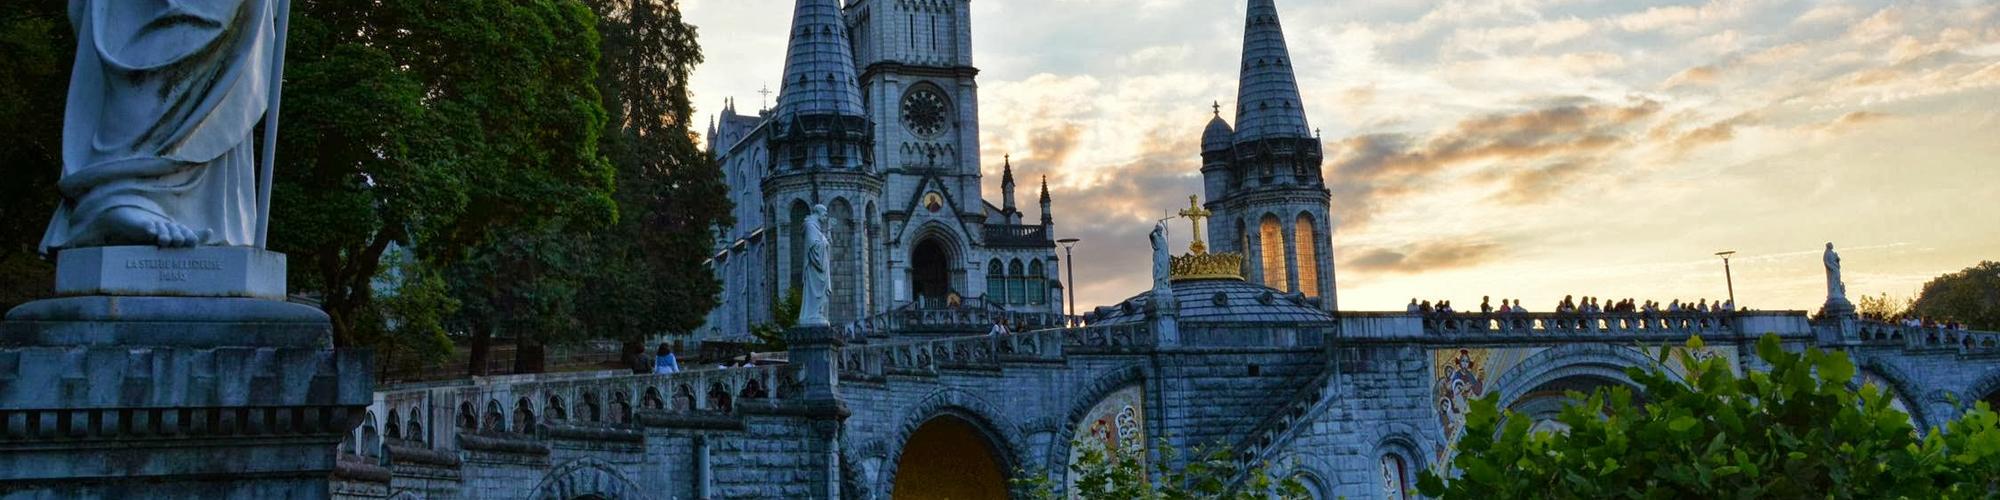 Hospitalité Lourdes